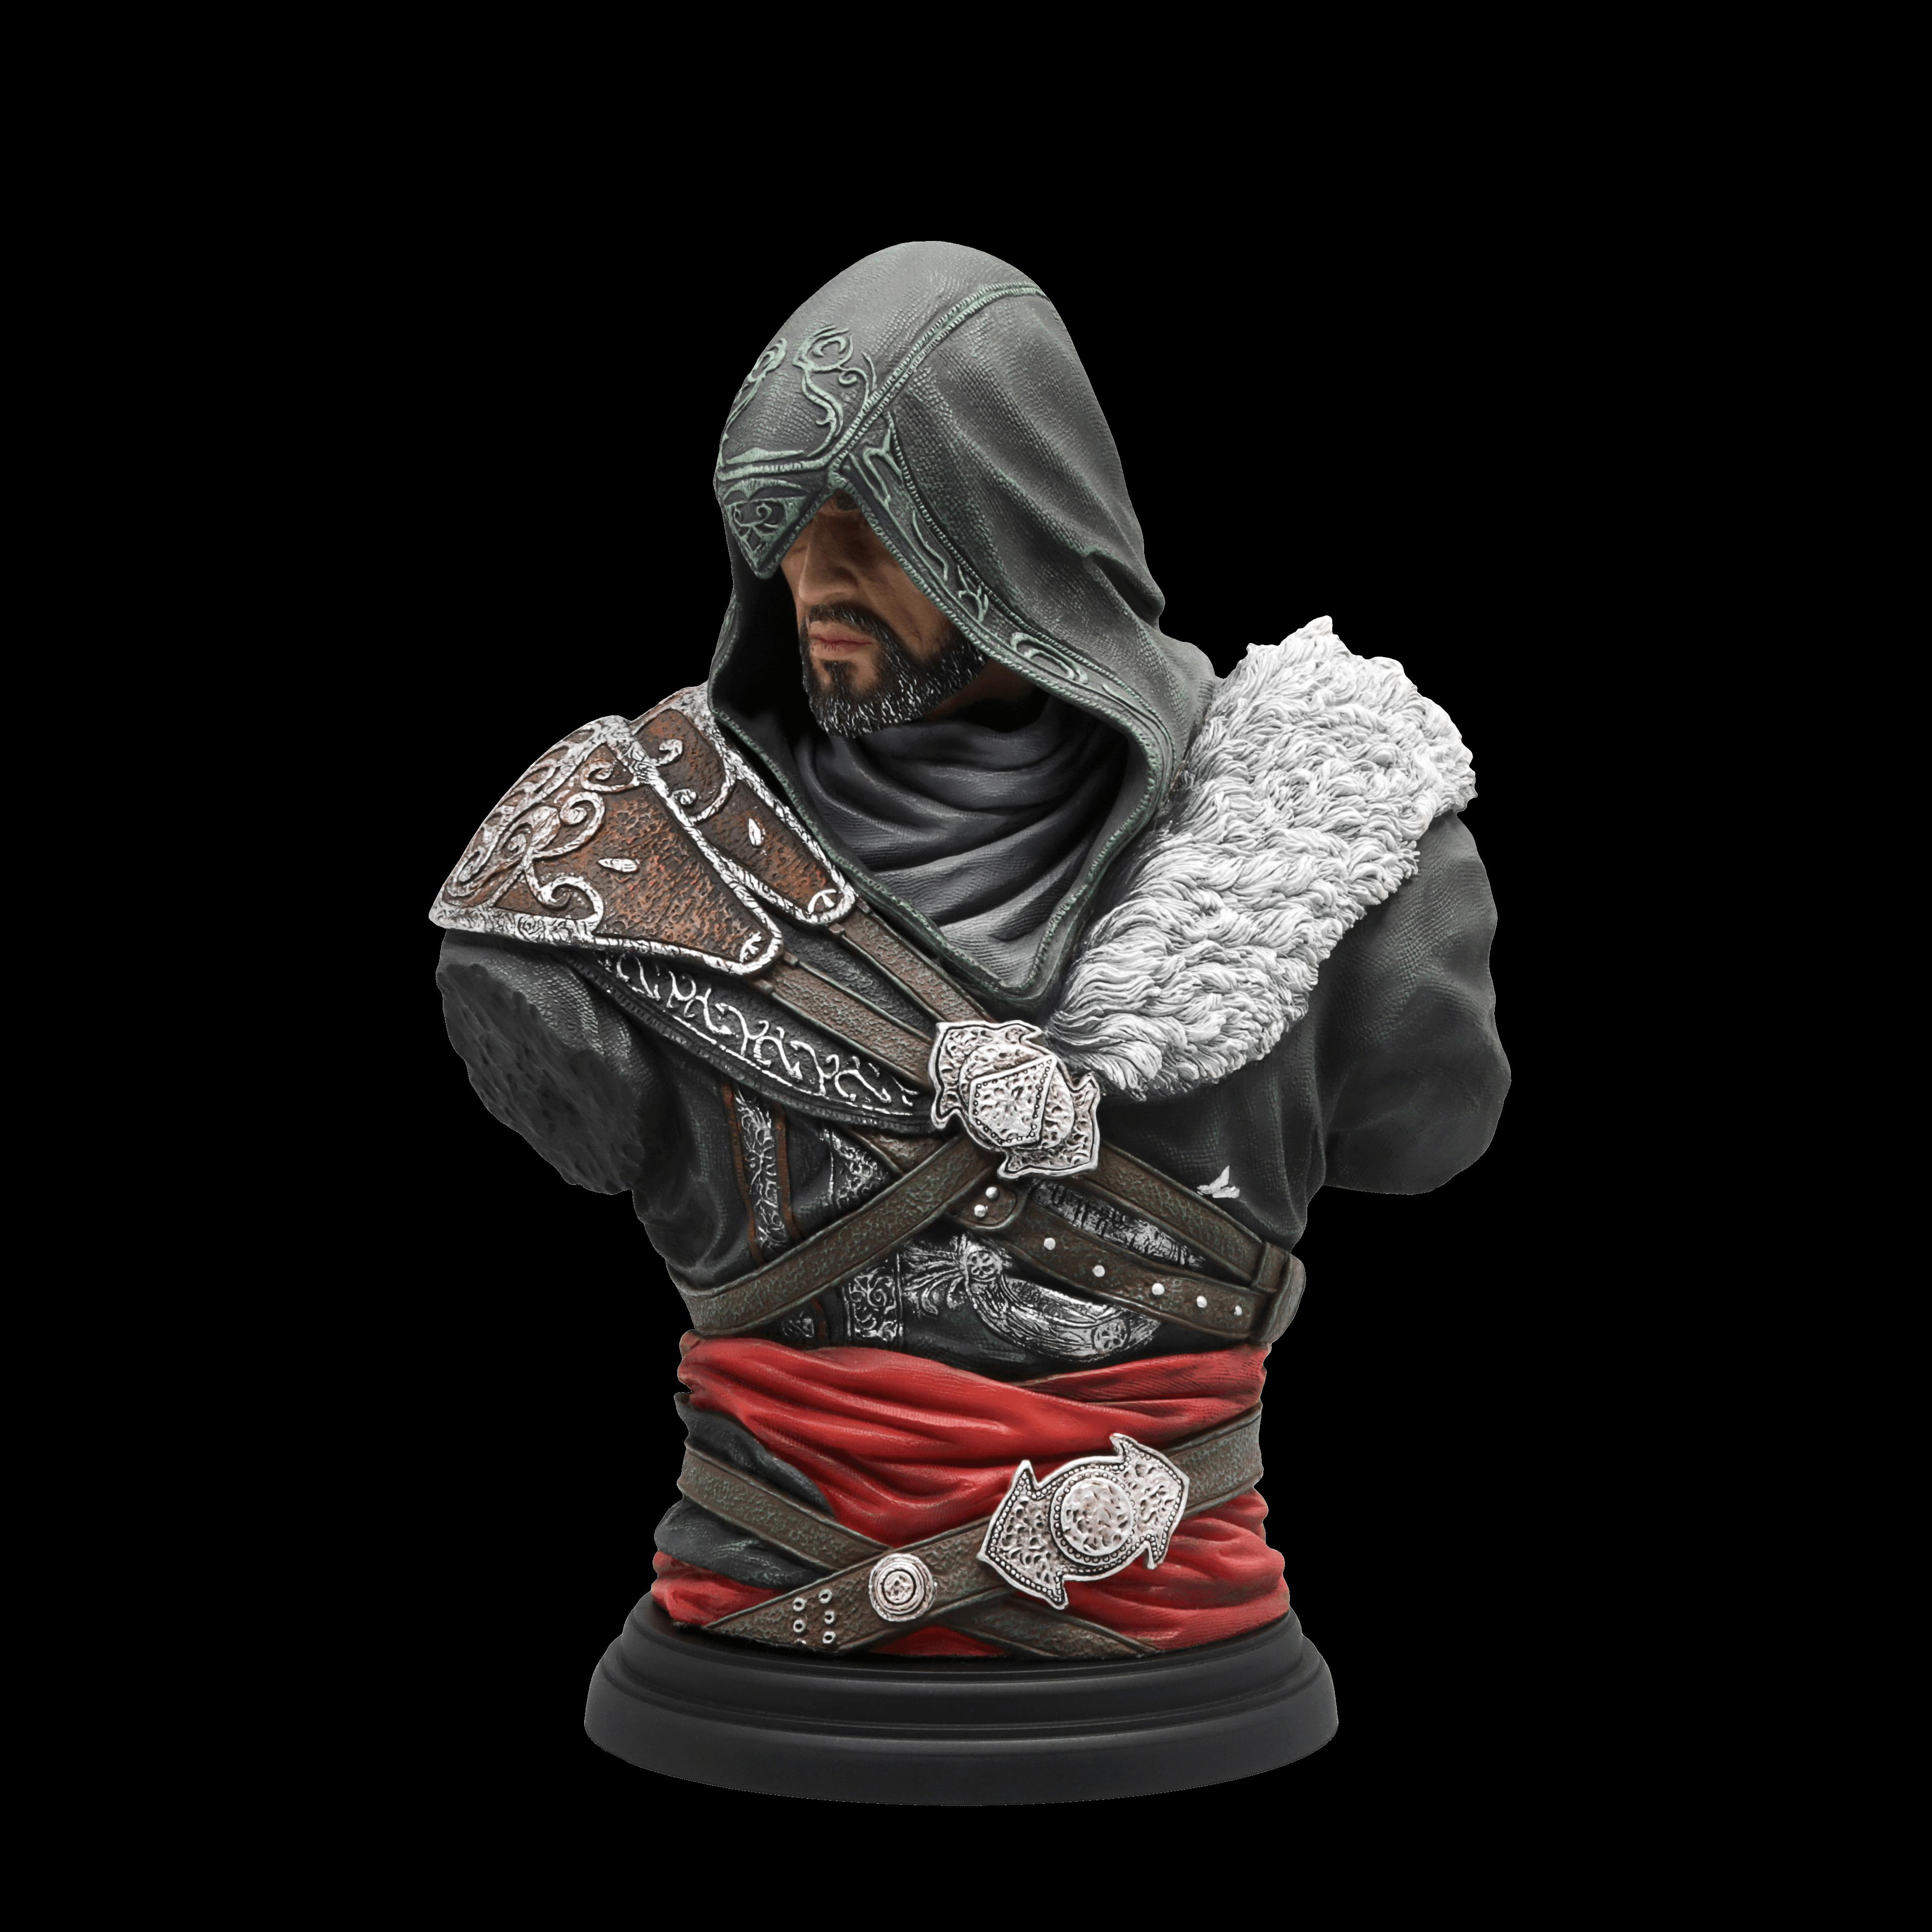 Ezio in Assassin's Creed Revelations